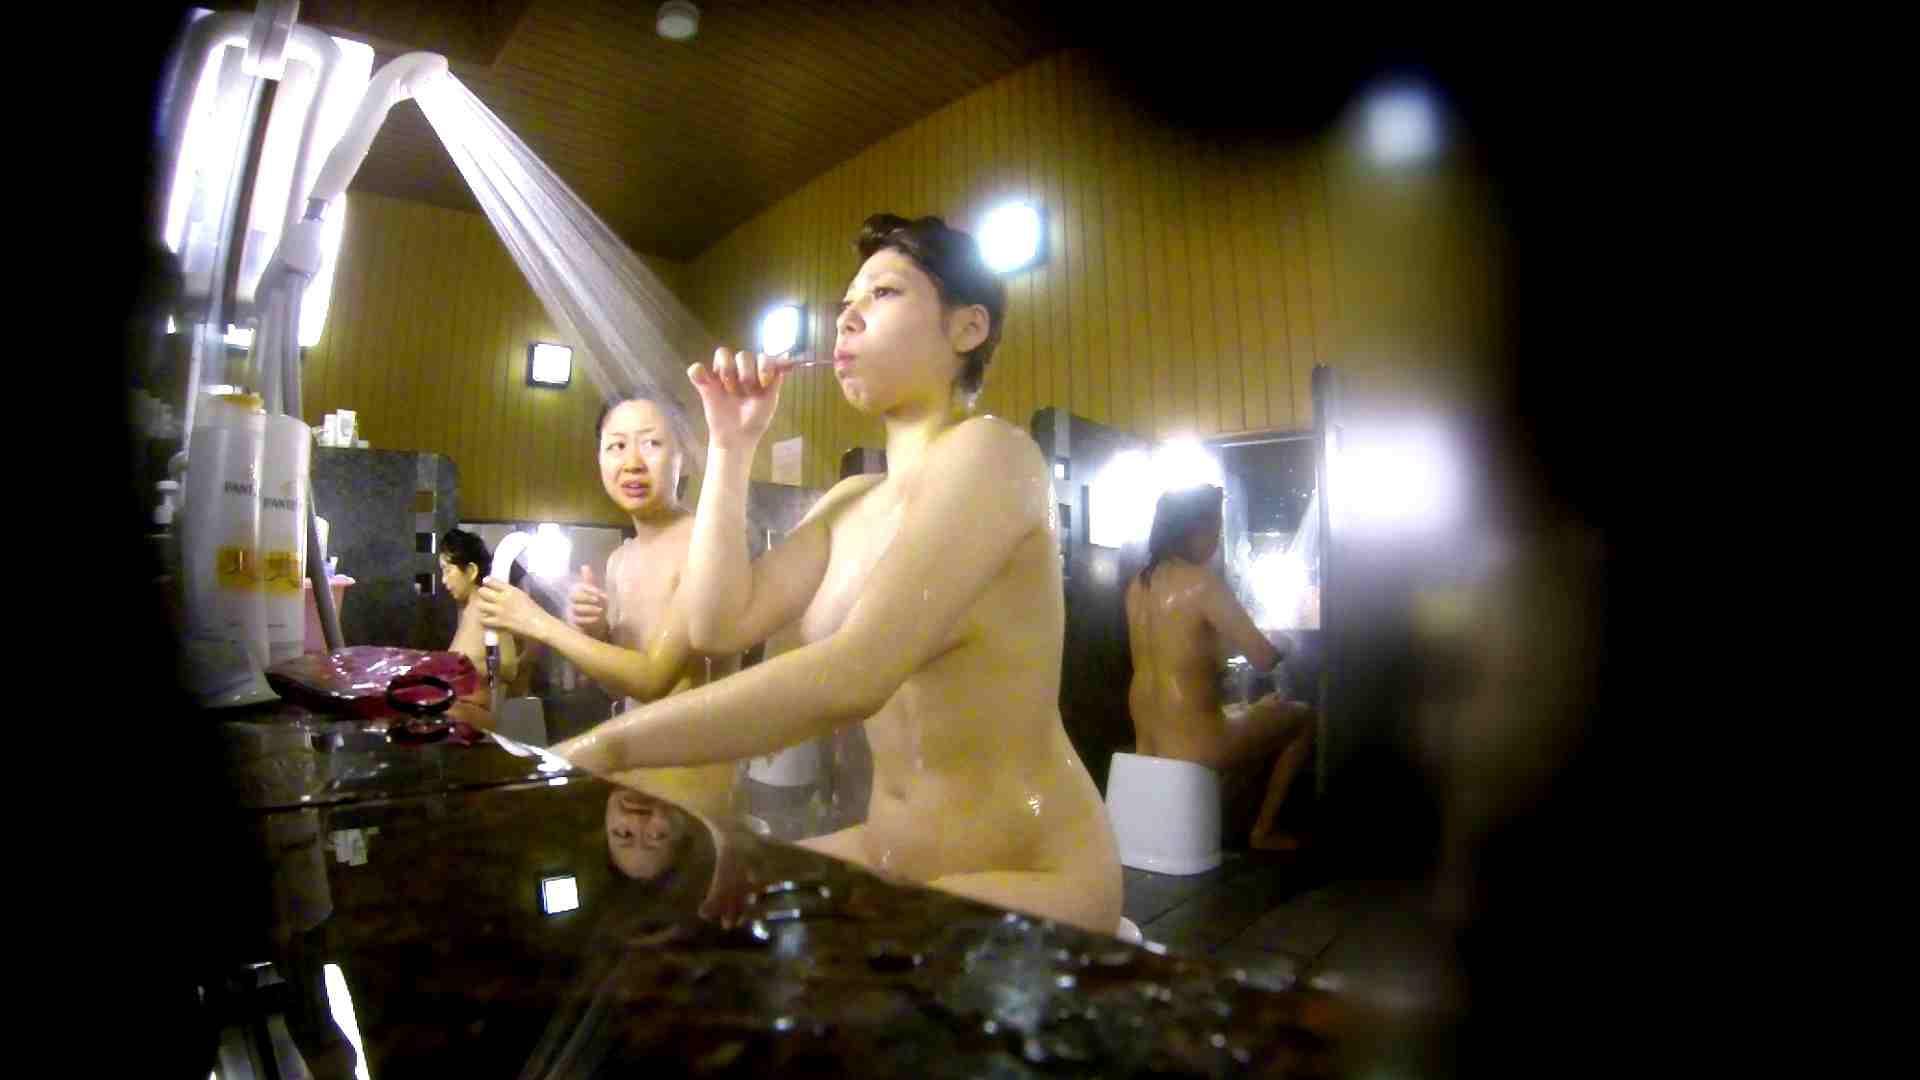 洗い場!柔らかそうな身体は良いけど、歯磨きが下品です。 巨乳 SEX無修正画像 107画像 4